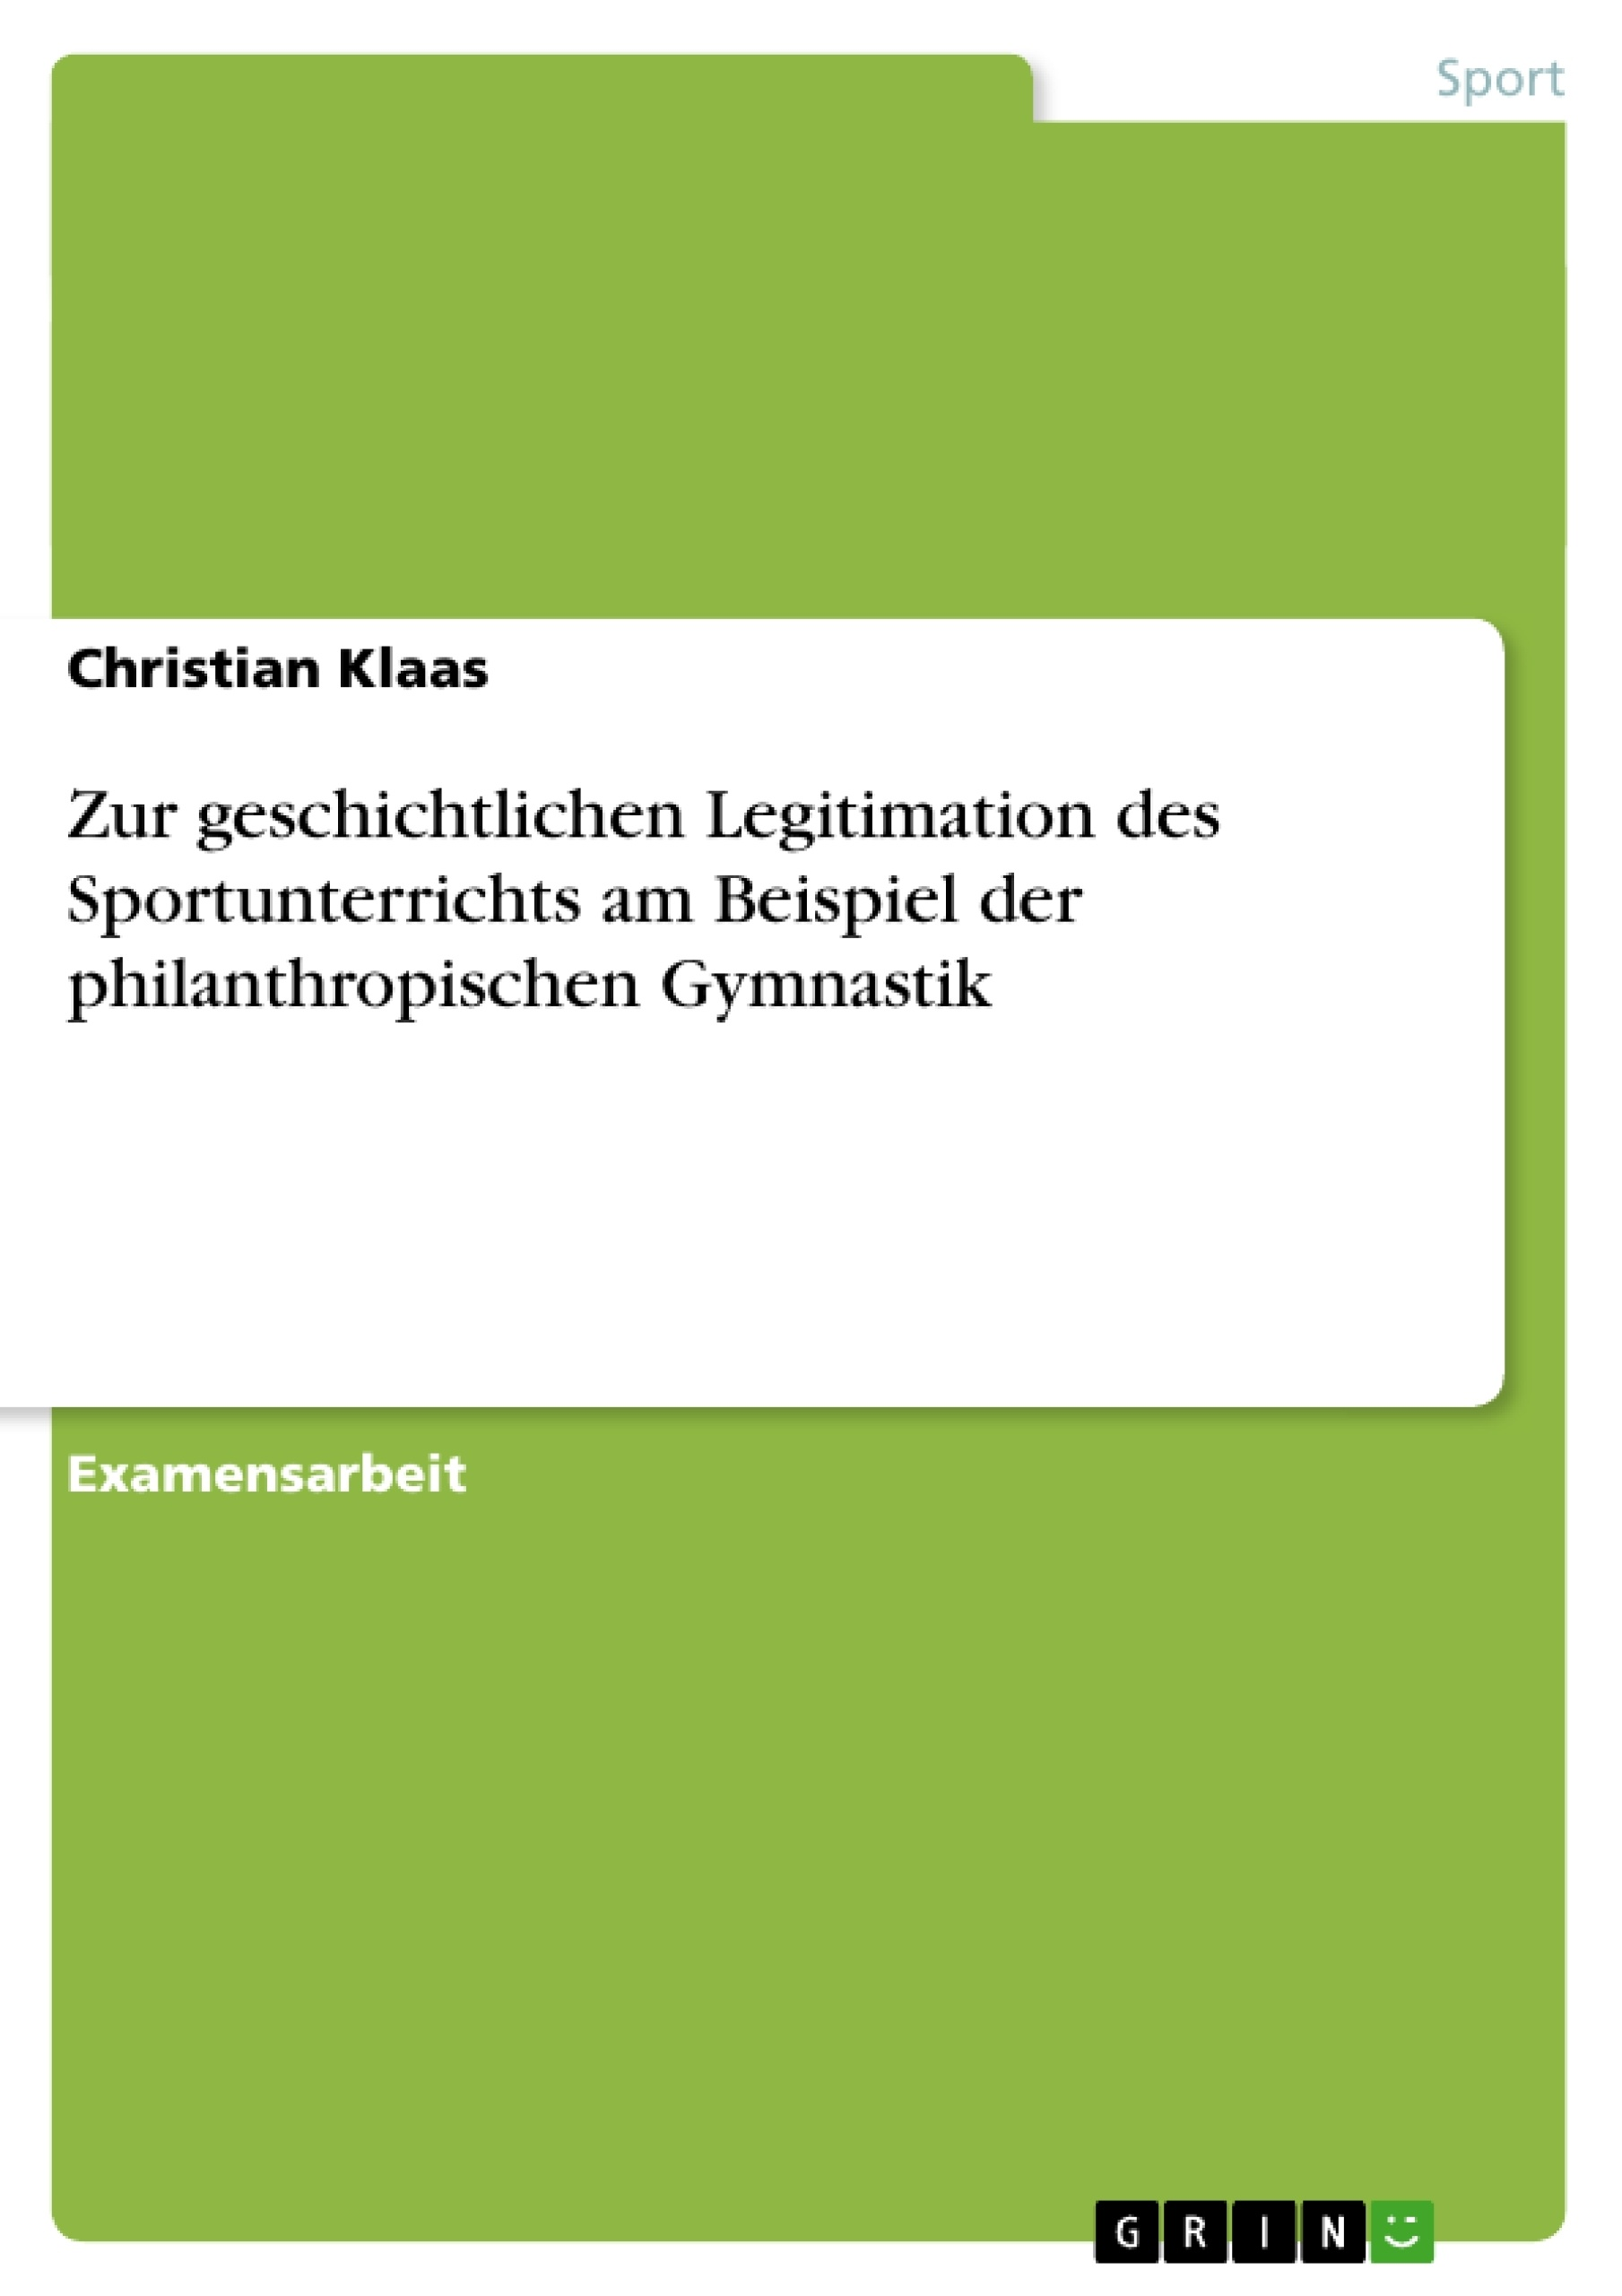 Titel: Zur geschichtlichen Legitimation des Sportunterrichts am Beispiel der philanthropischen Gymnastik